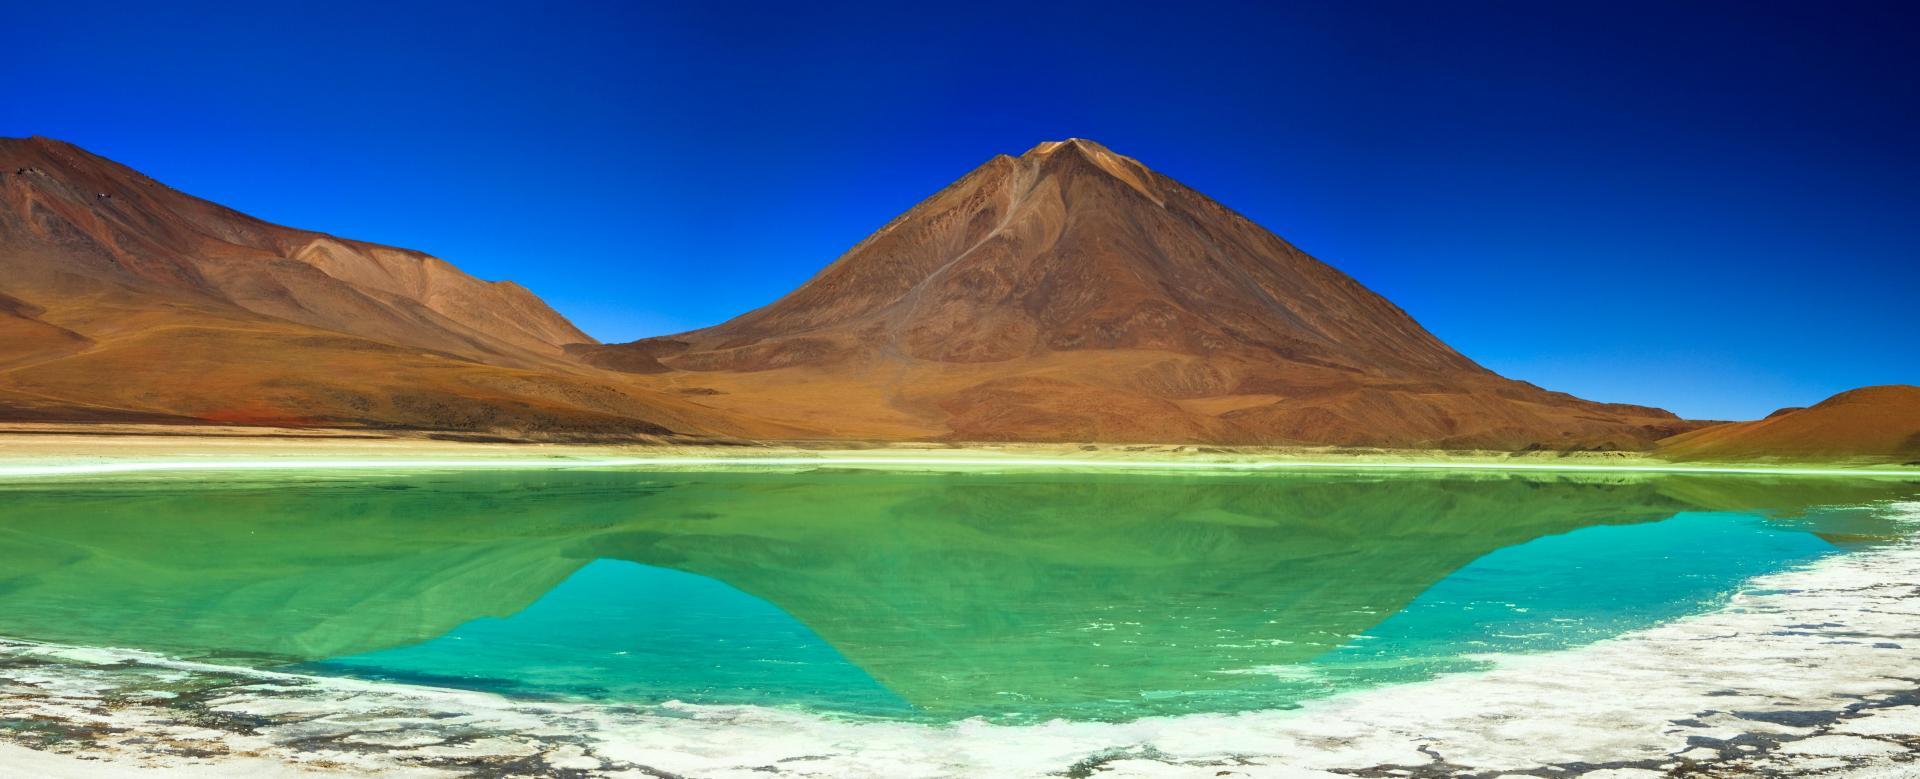 Voyage à pied : Les volcans du sud-lípez (17 j)